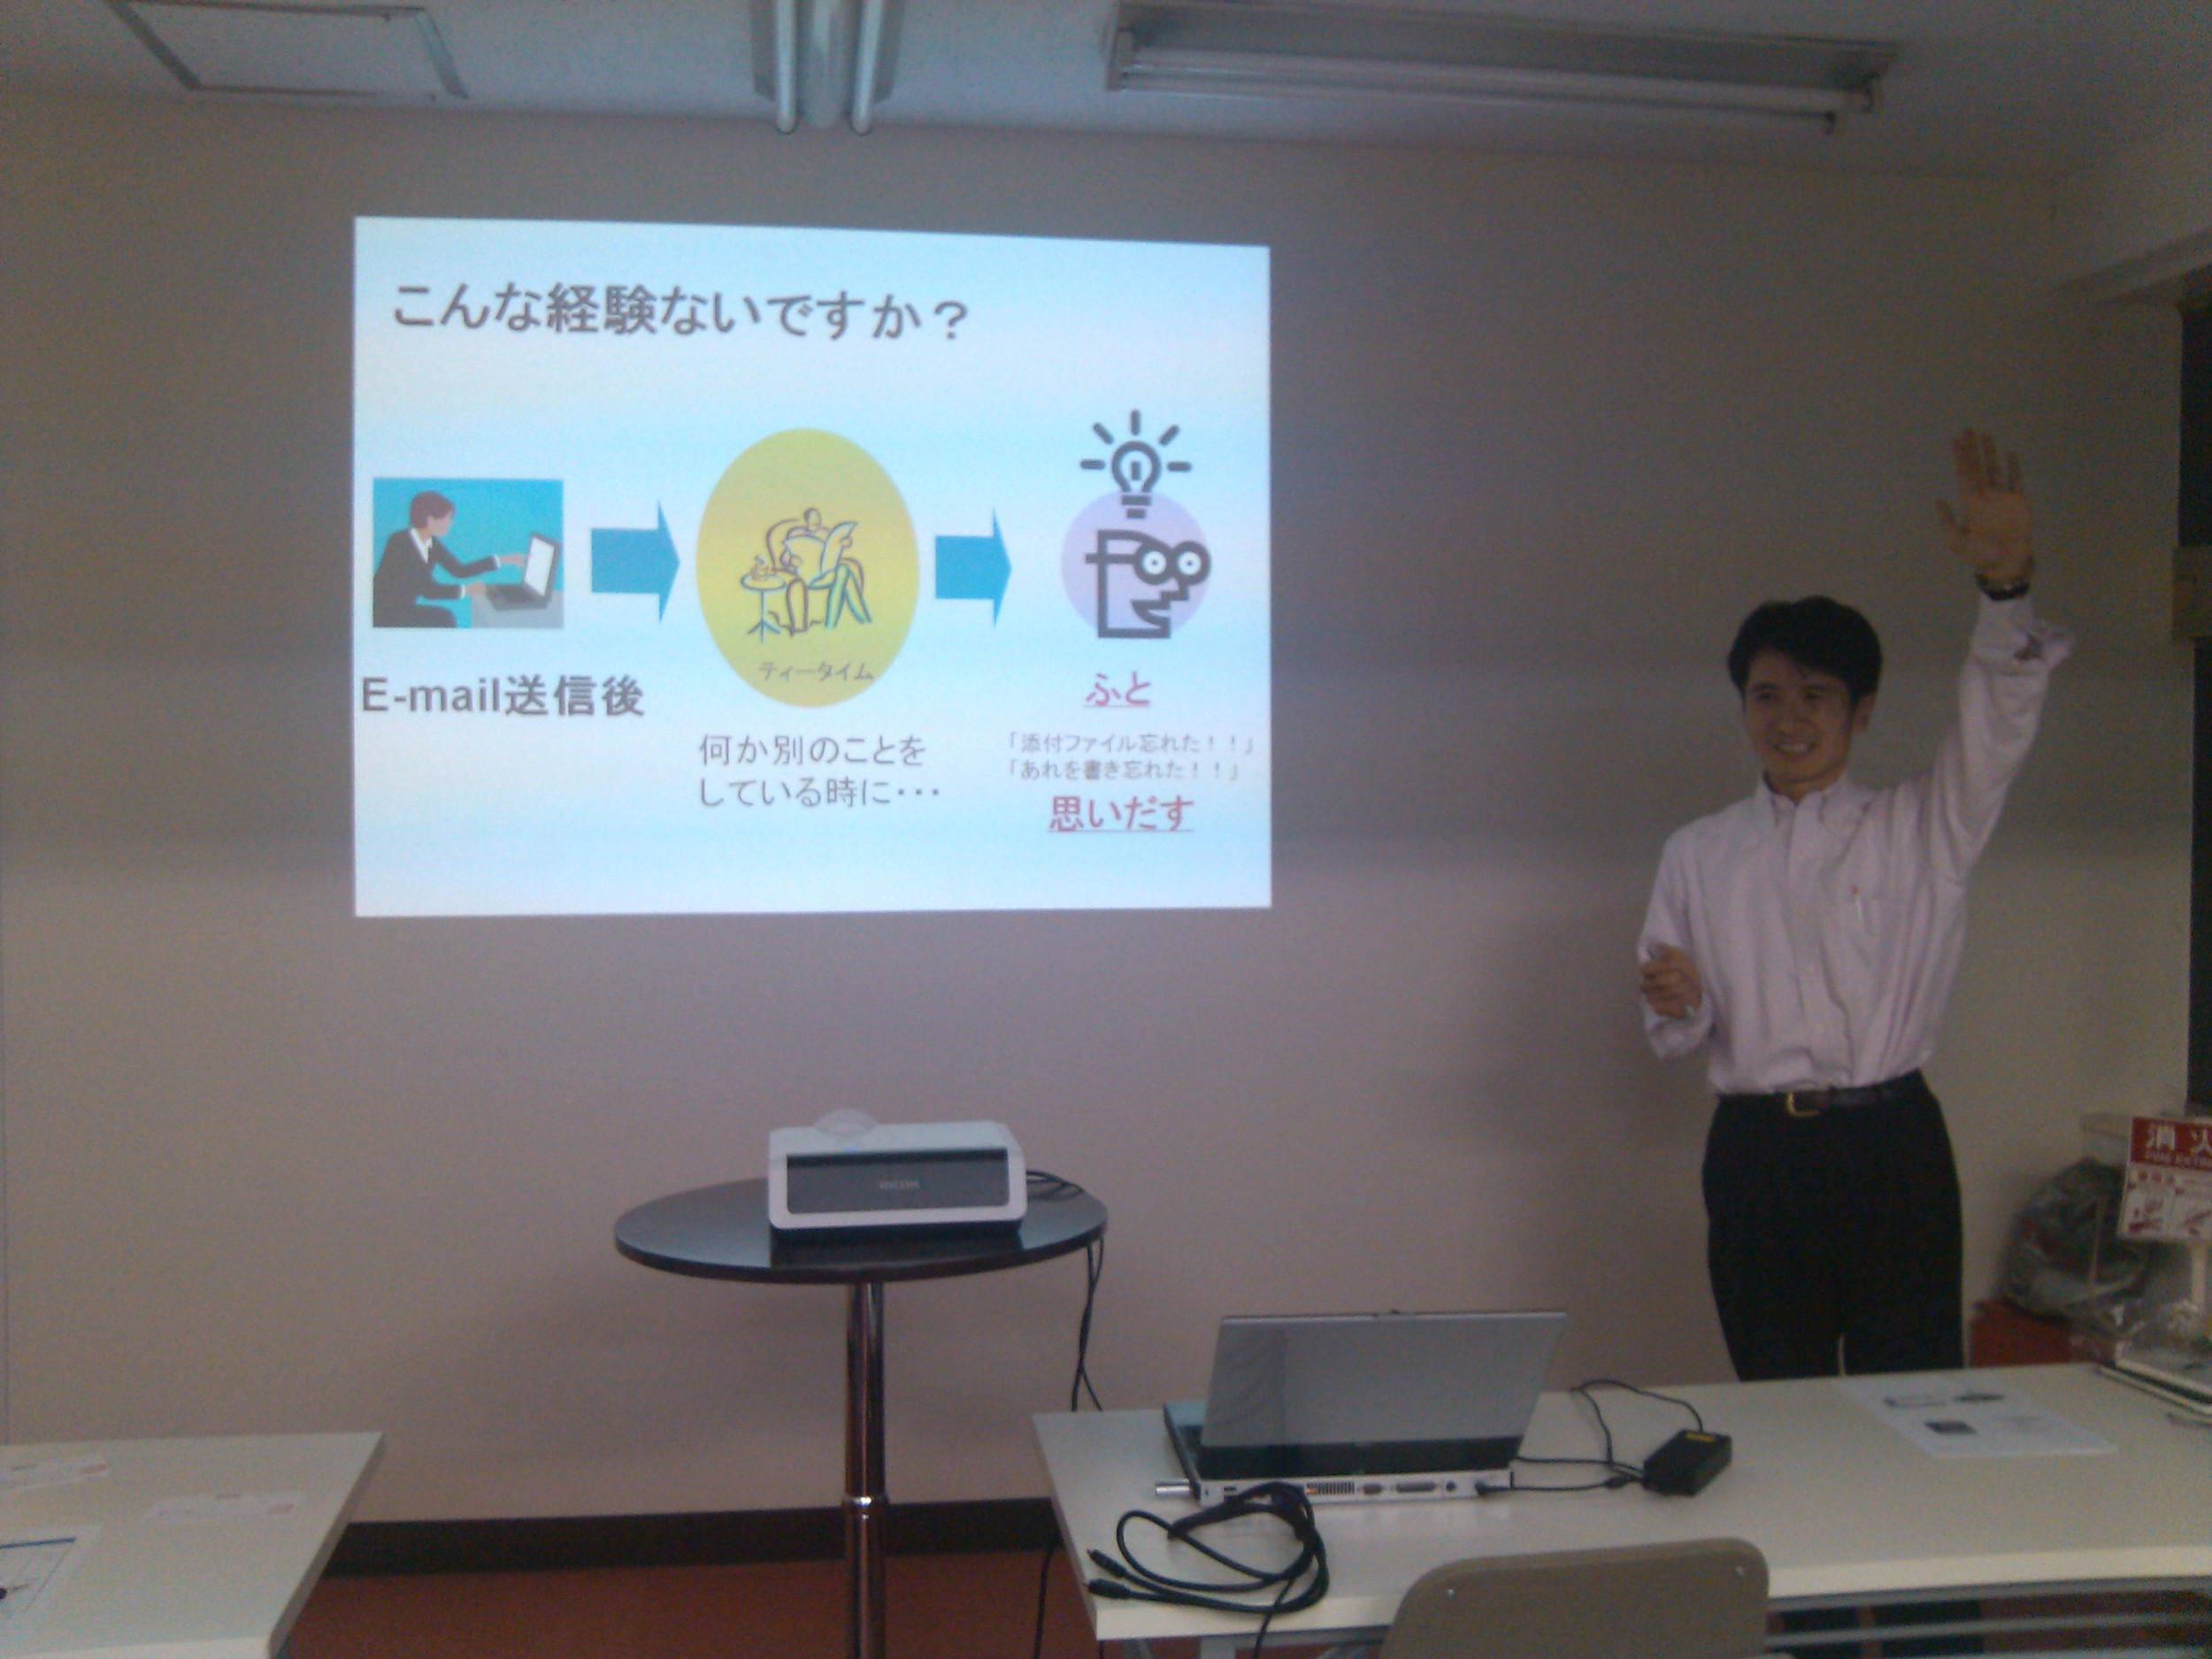 前半の部 遠藤先生による習慣化の仕組み作りのポイントについての講義です。